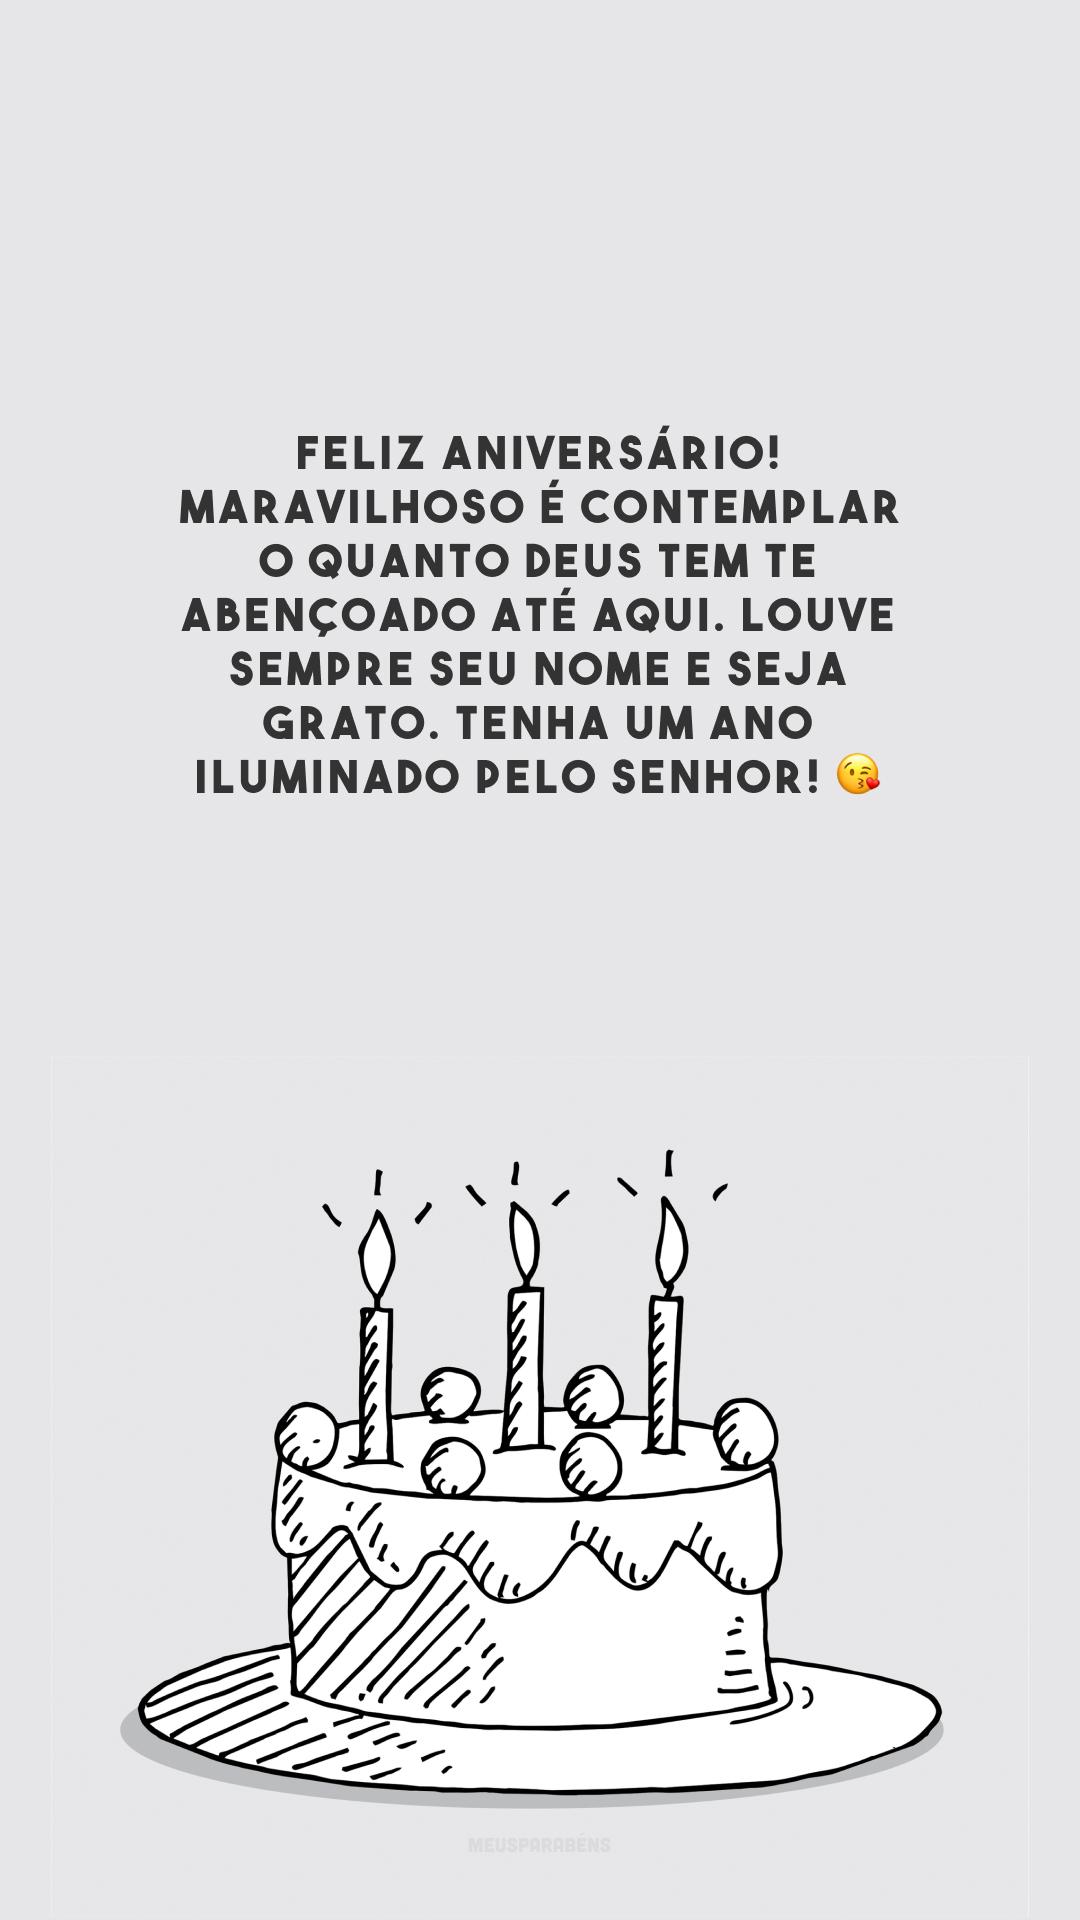 Feliz aniversário! Maravilhoso é contemplar o quanto Deus tem te abençoado até aqui. Louve sempre seu nome e seja grato. Tenha um ano iluminado pelo Senhor! 😘